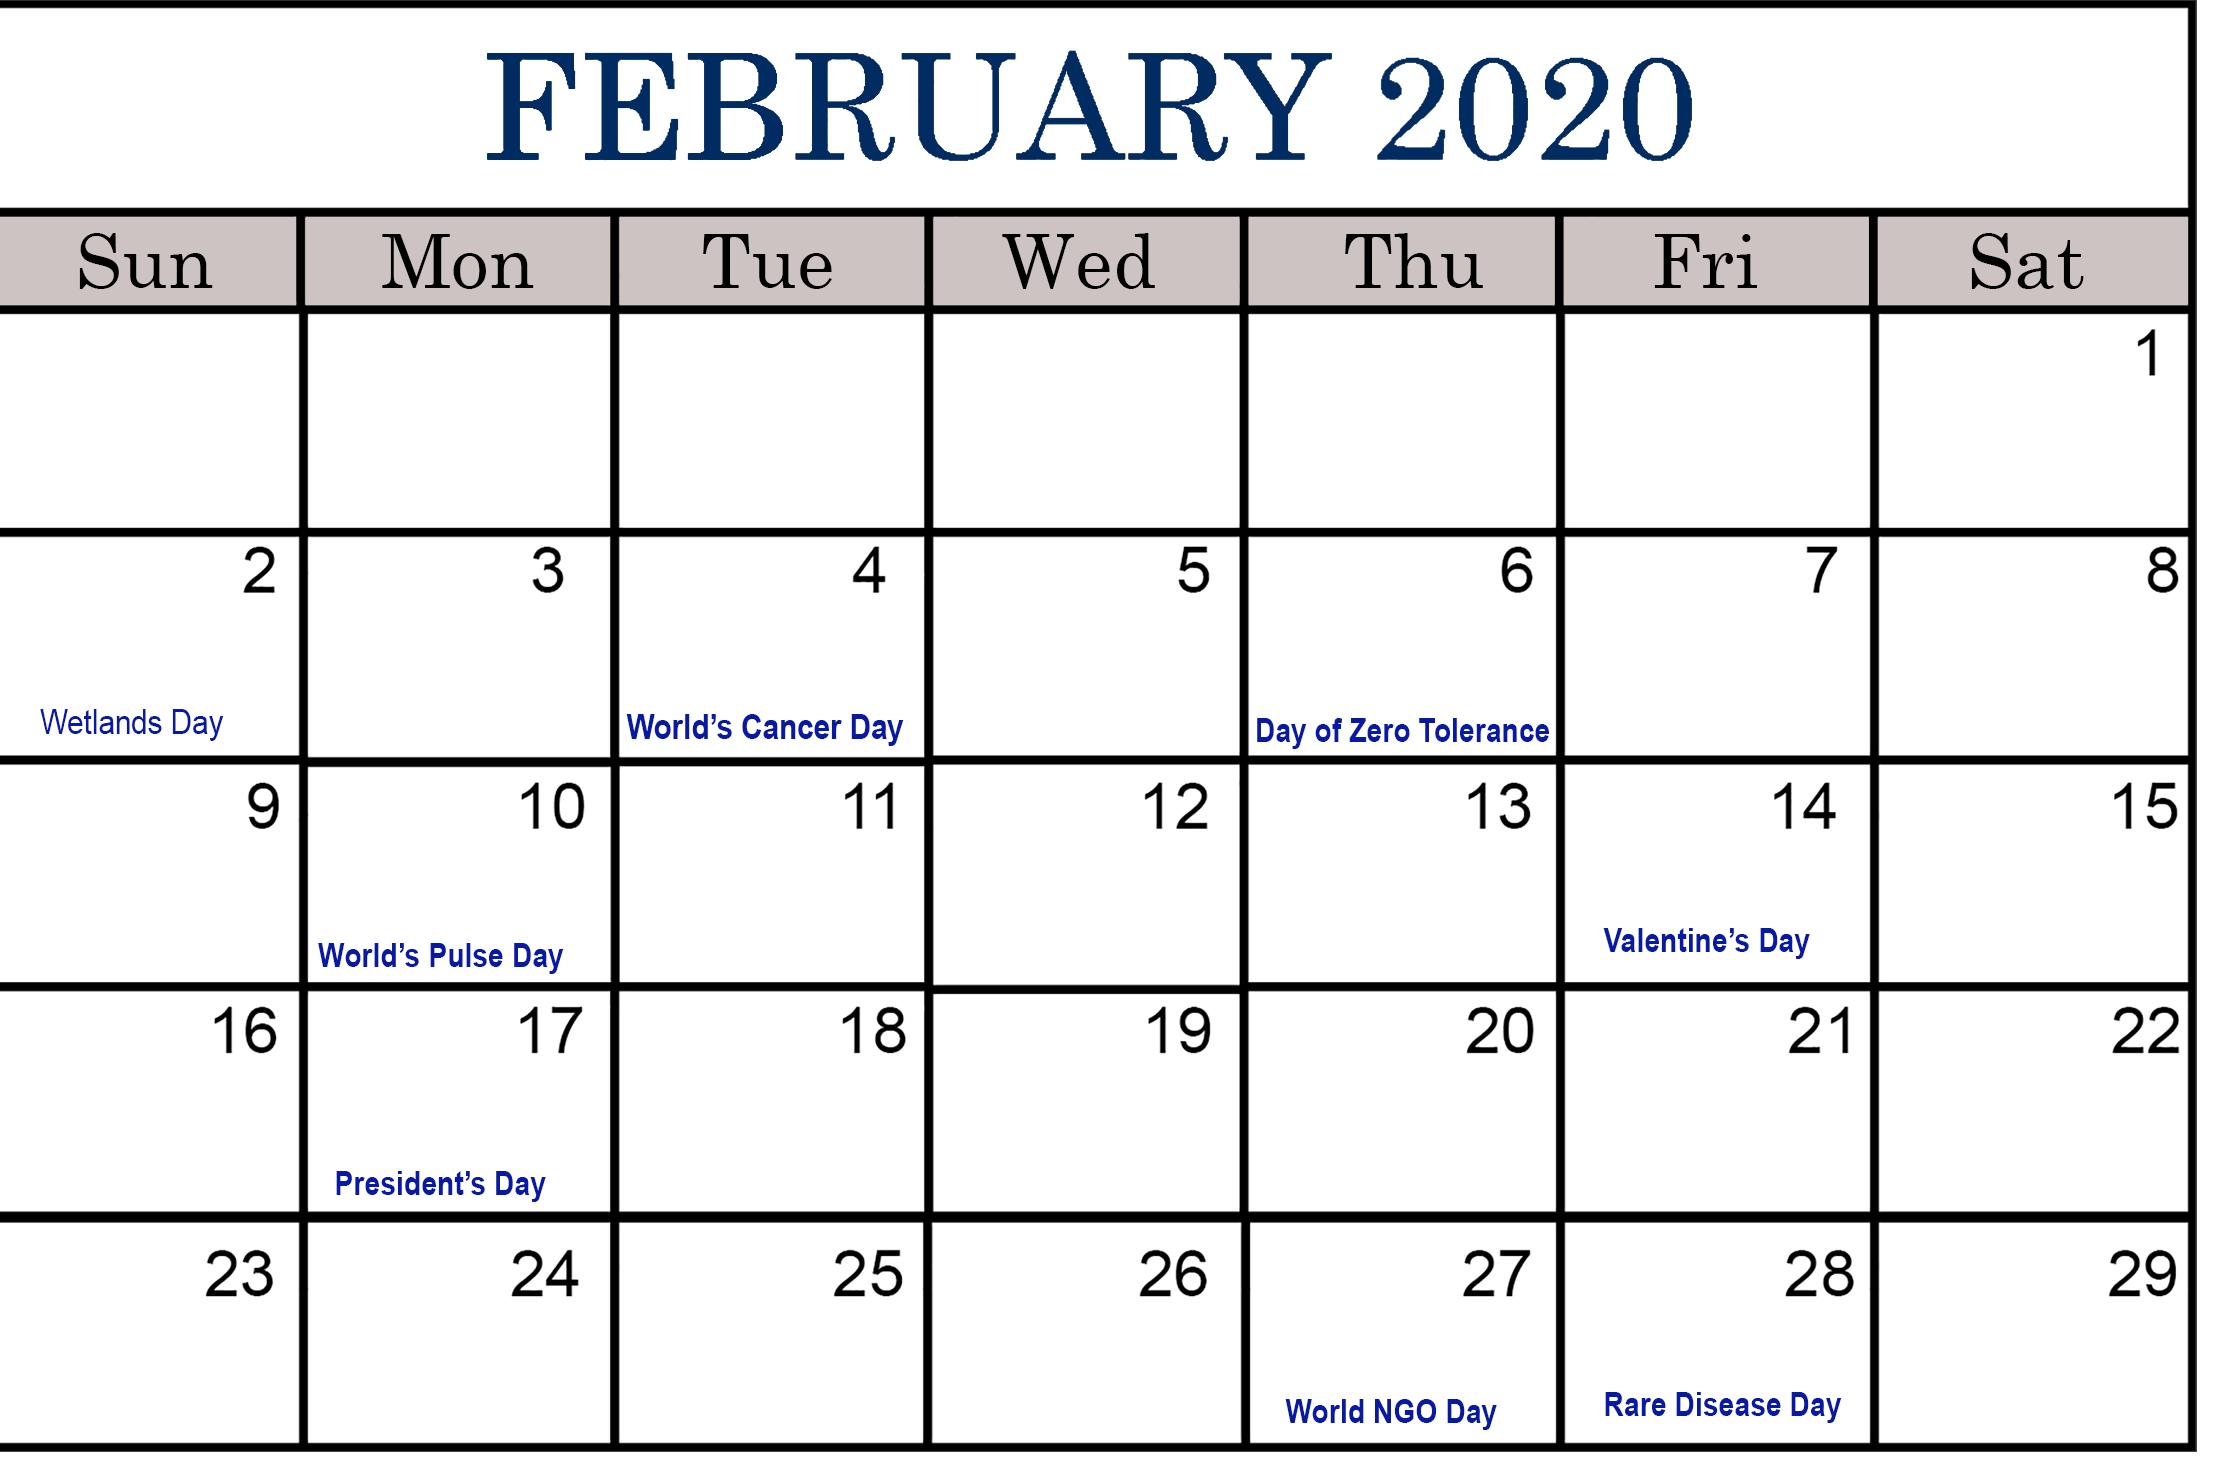 February 2020 Calendar Holidays Australia